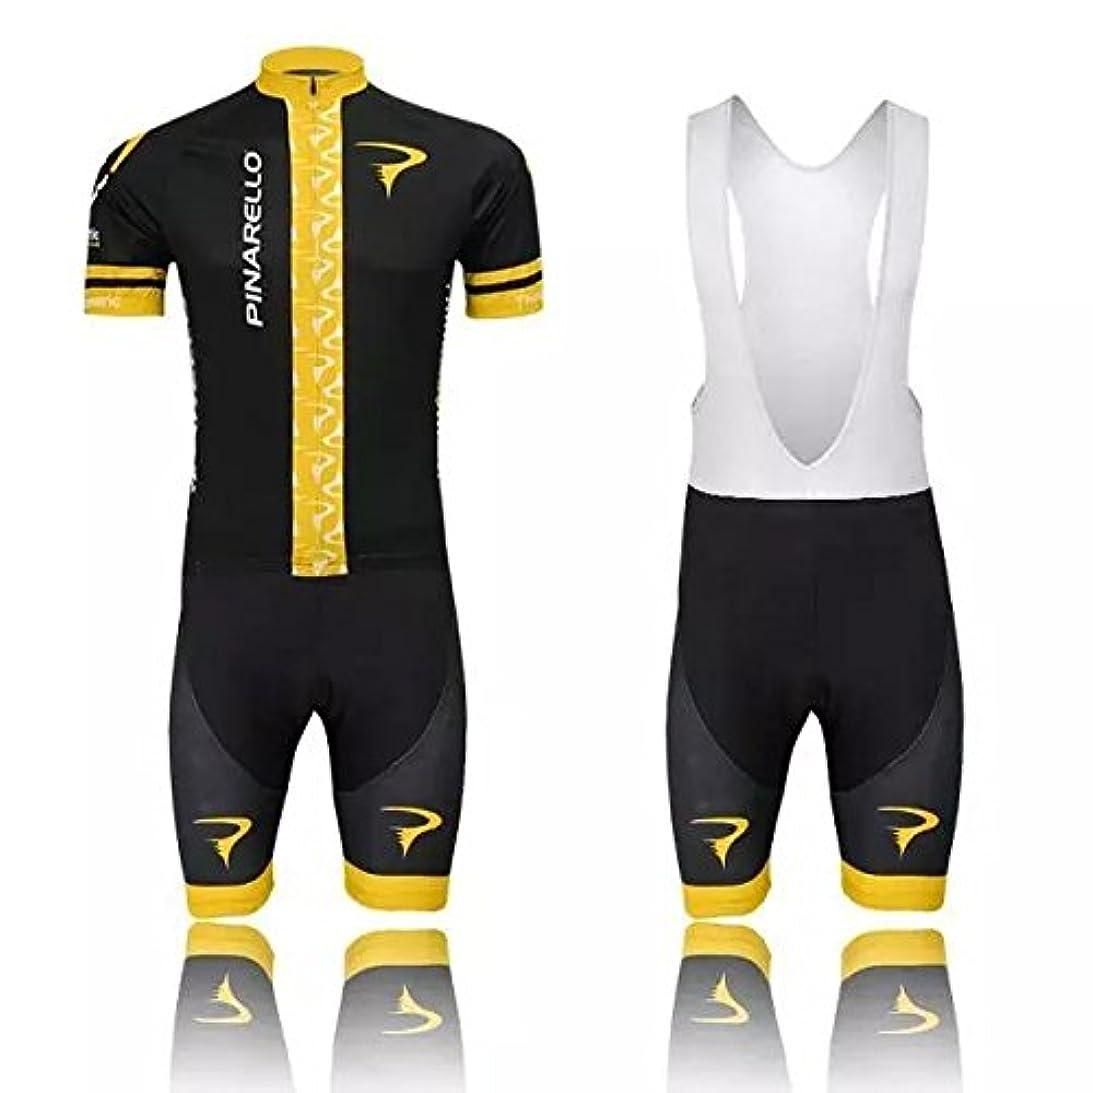 憲法深さストレスの多いロードサイクリングジャージー速乾性汗-DLyng半袖サイクルウェアサイクリングジャージ、通気性ウィッキング(S、M、L、XL、XXL、XXXL)